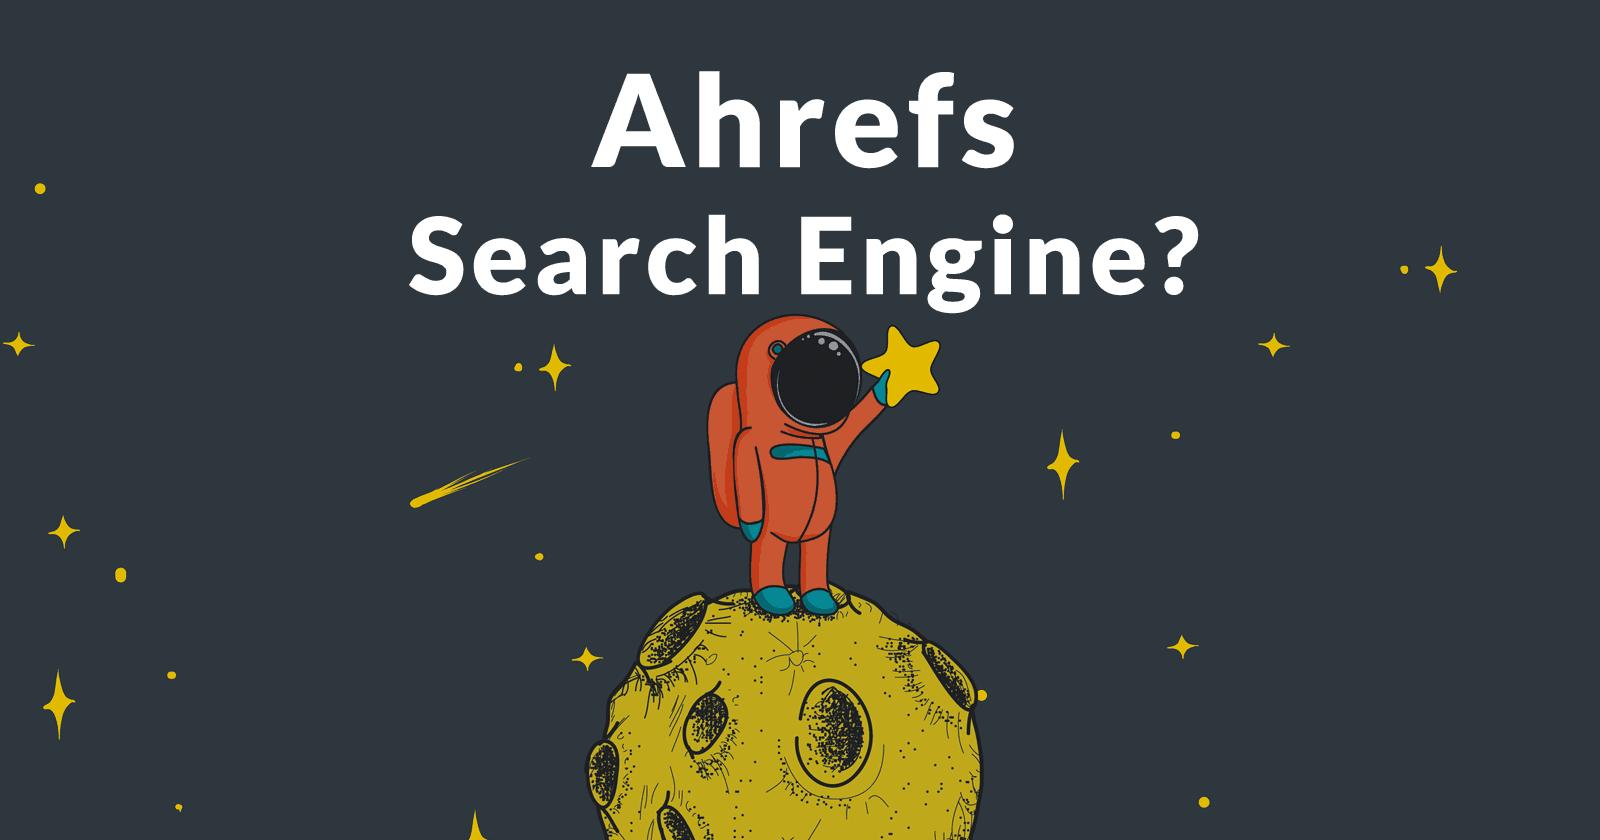 Ahrefs annonce un nouveau moteur de recherche